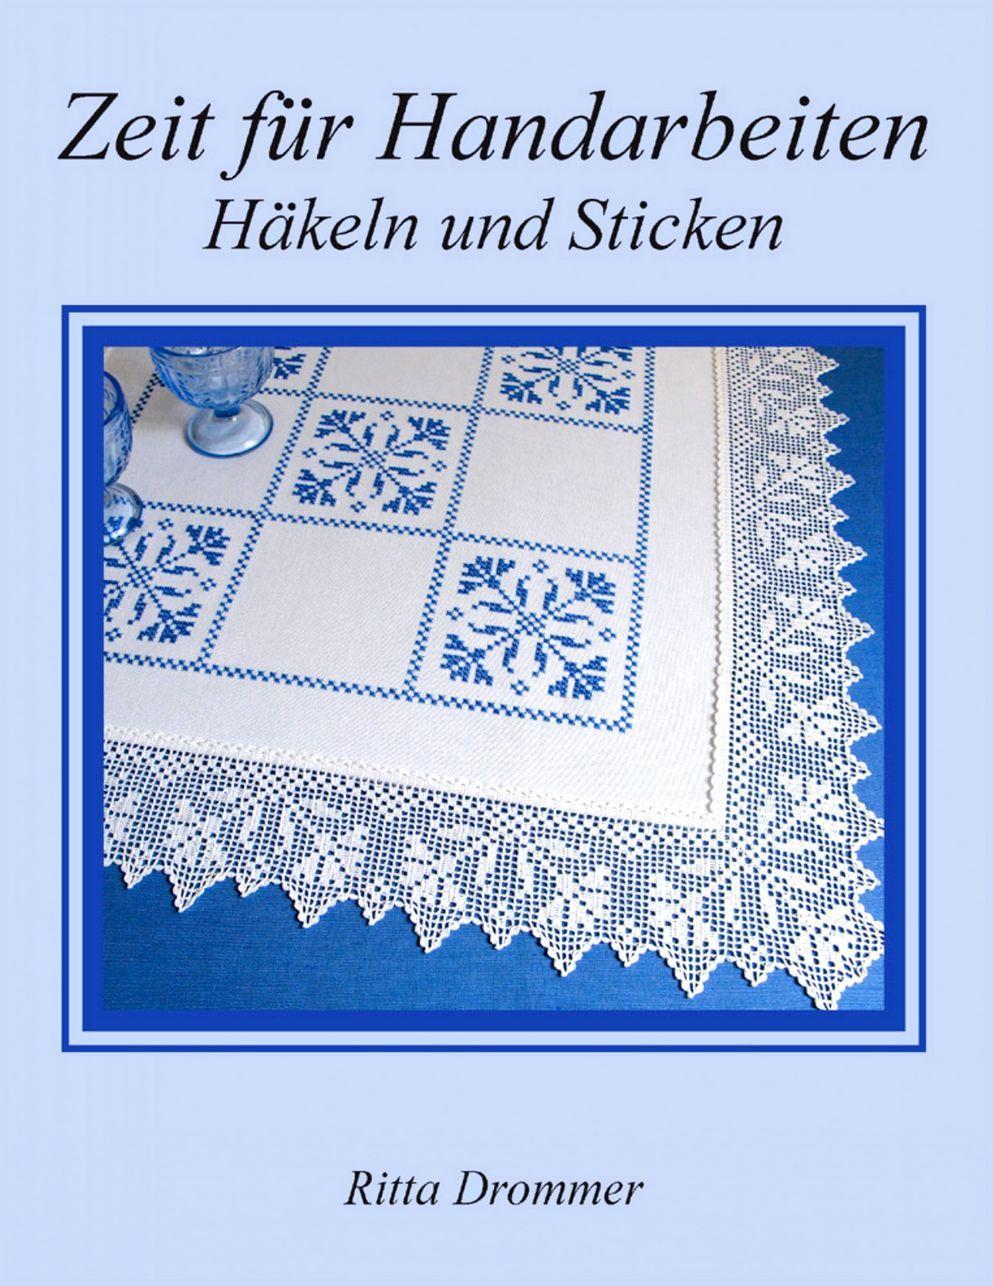 Книга немецких идей по вязанию крючком Zeit fuer Handarbeiten. Haekeln und Sticken